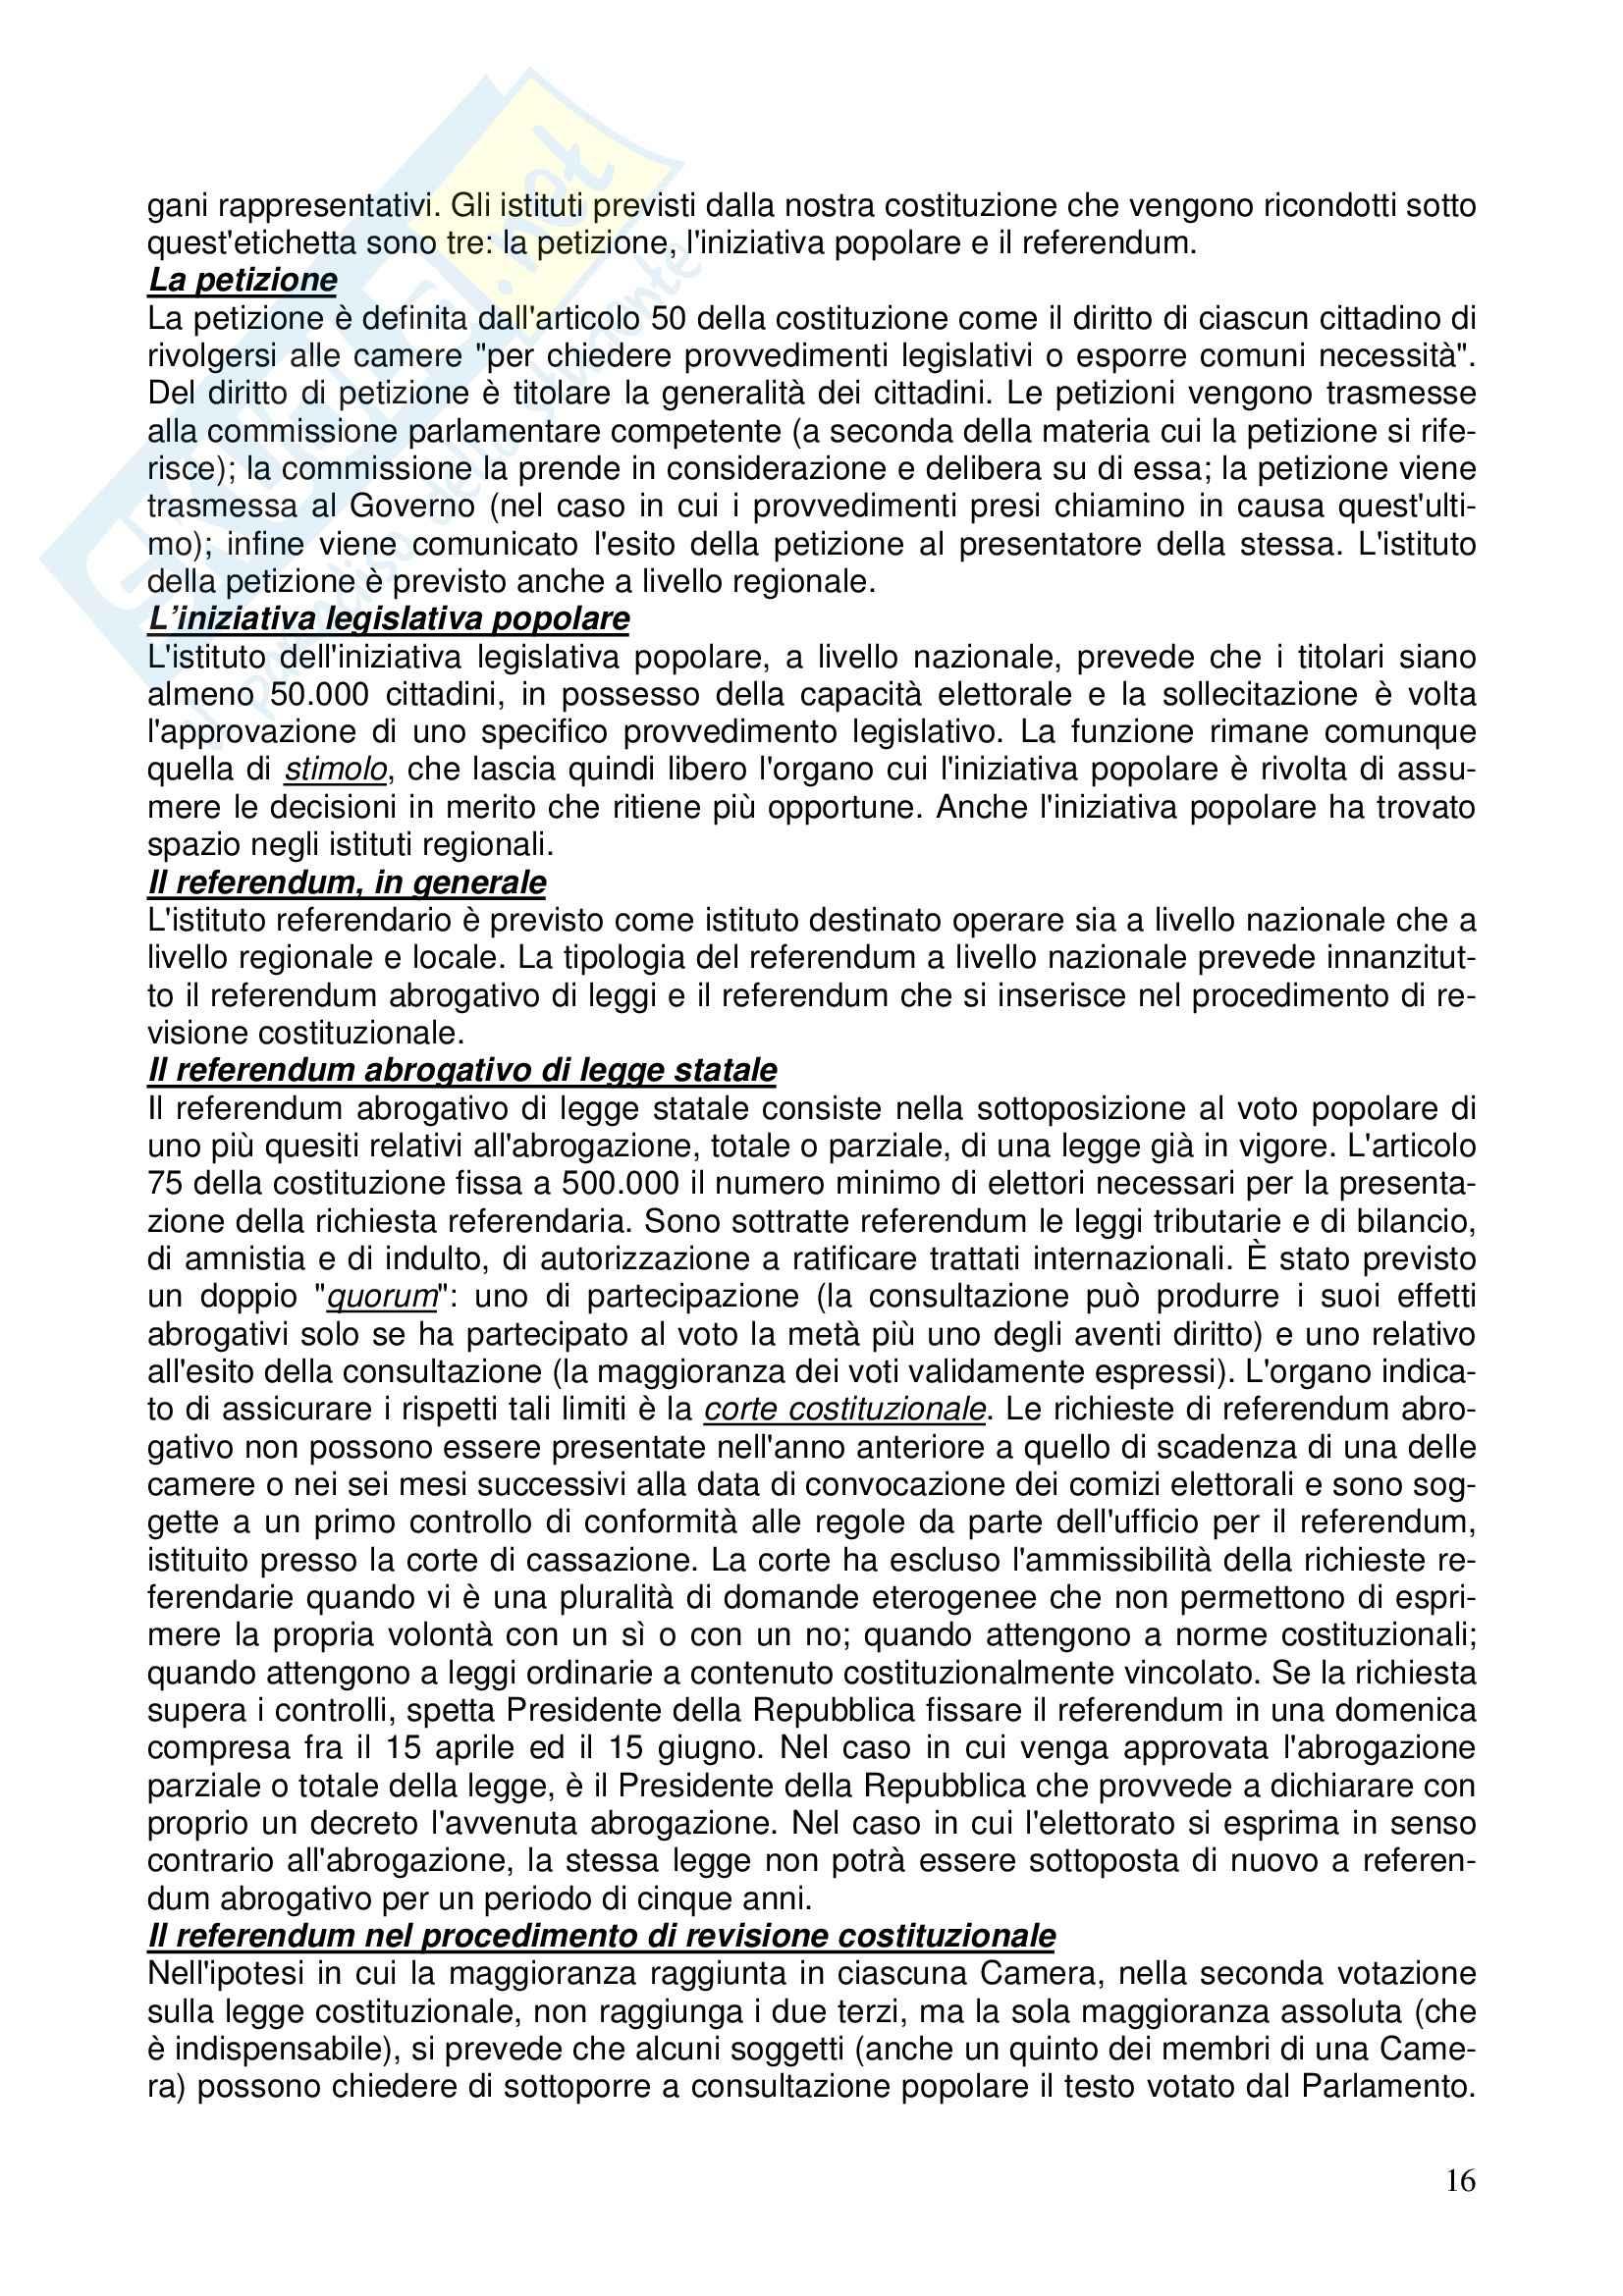 Diritto costituzionale - Riassunto esame, prof. Girelli Pag. 16